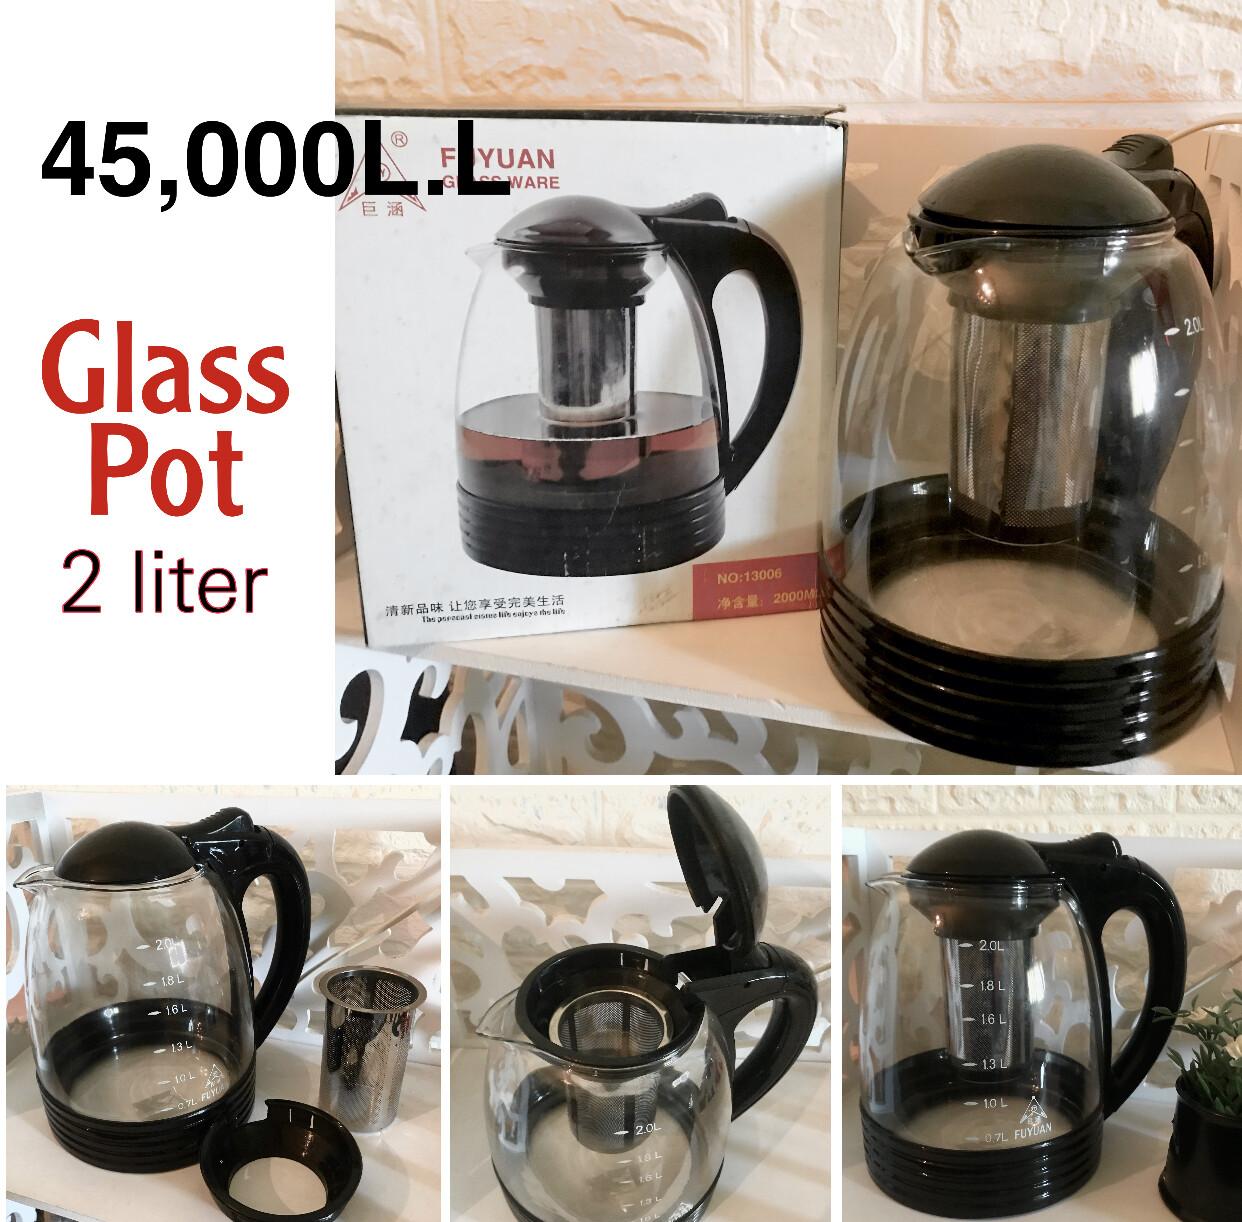 Glass Pot 2L